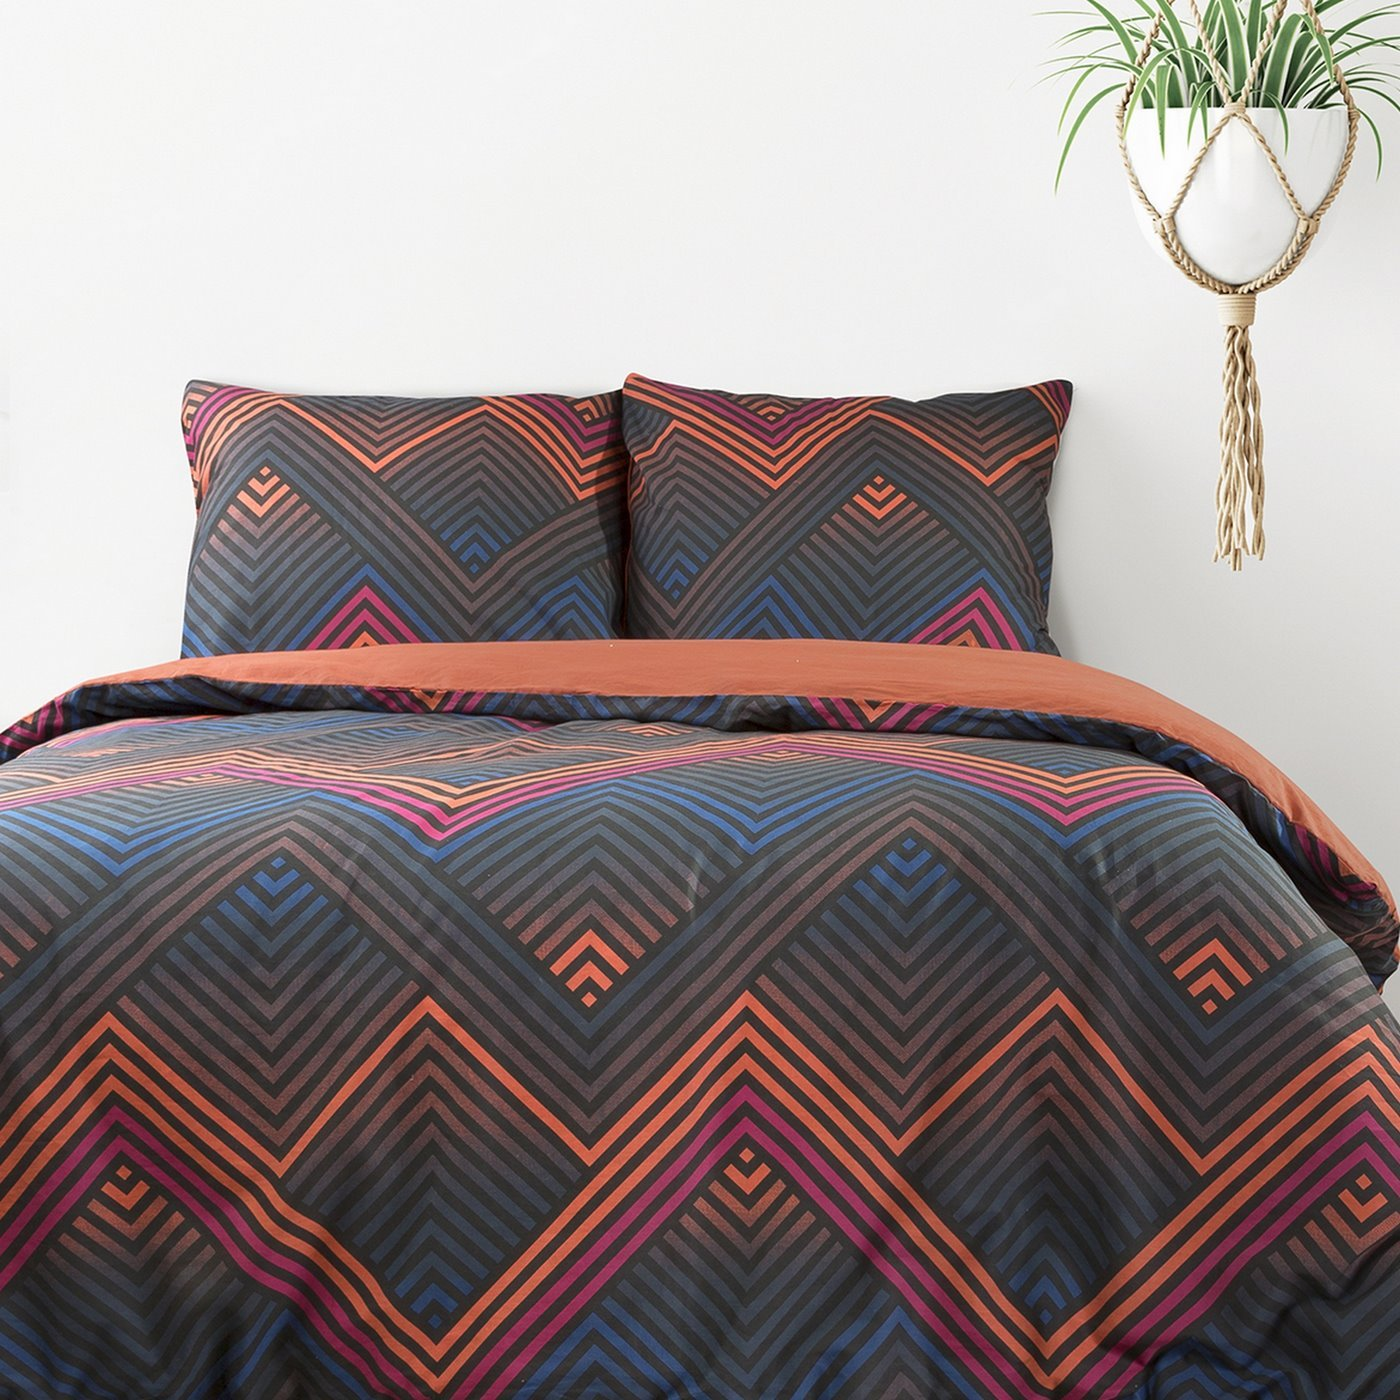 Komplet pościeli bawełnianej diego 160x200 2szt 70x80 styl nowoczesny